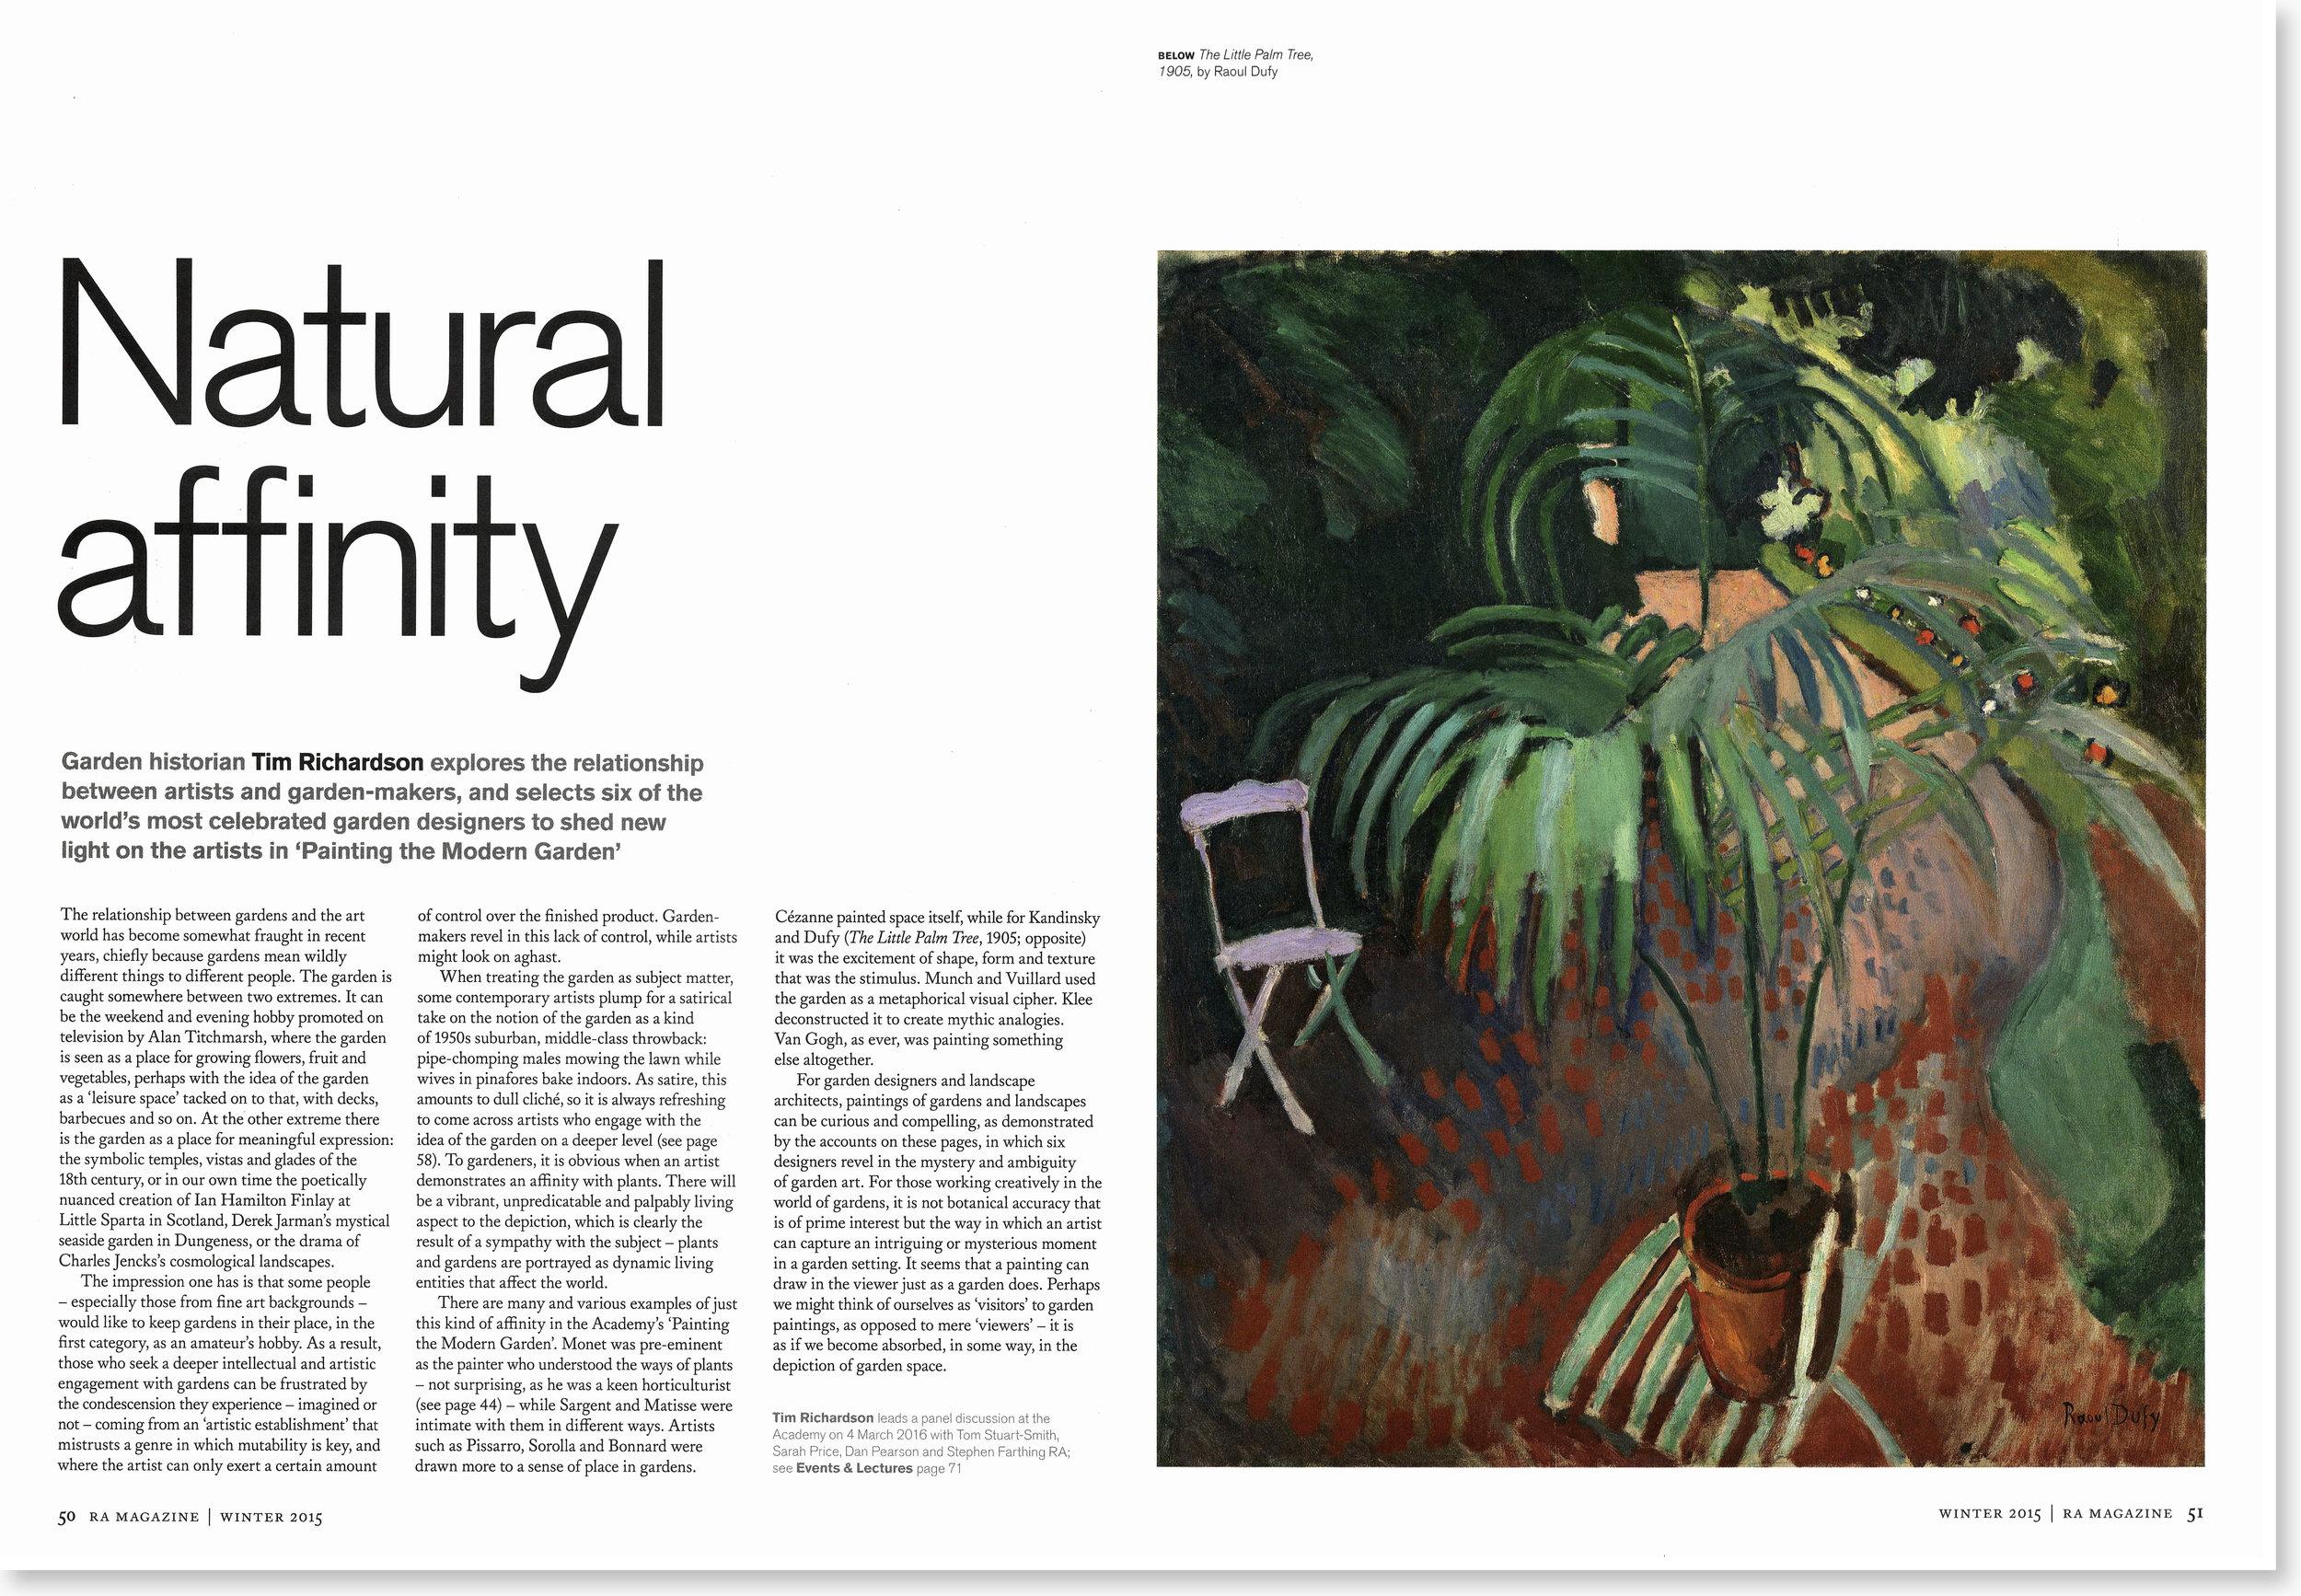 RA_Magazine_No129_Winter2015_pp50_51_56.jpg